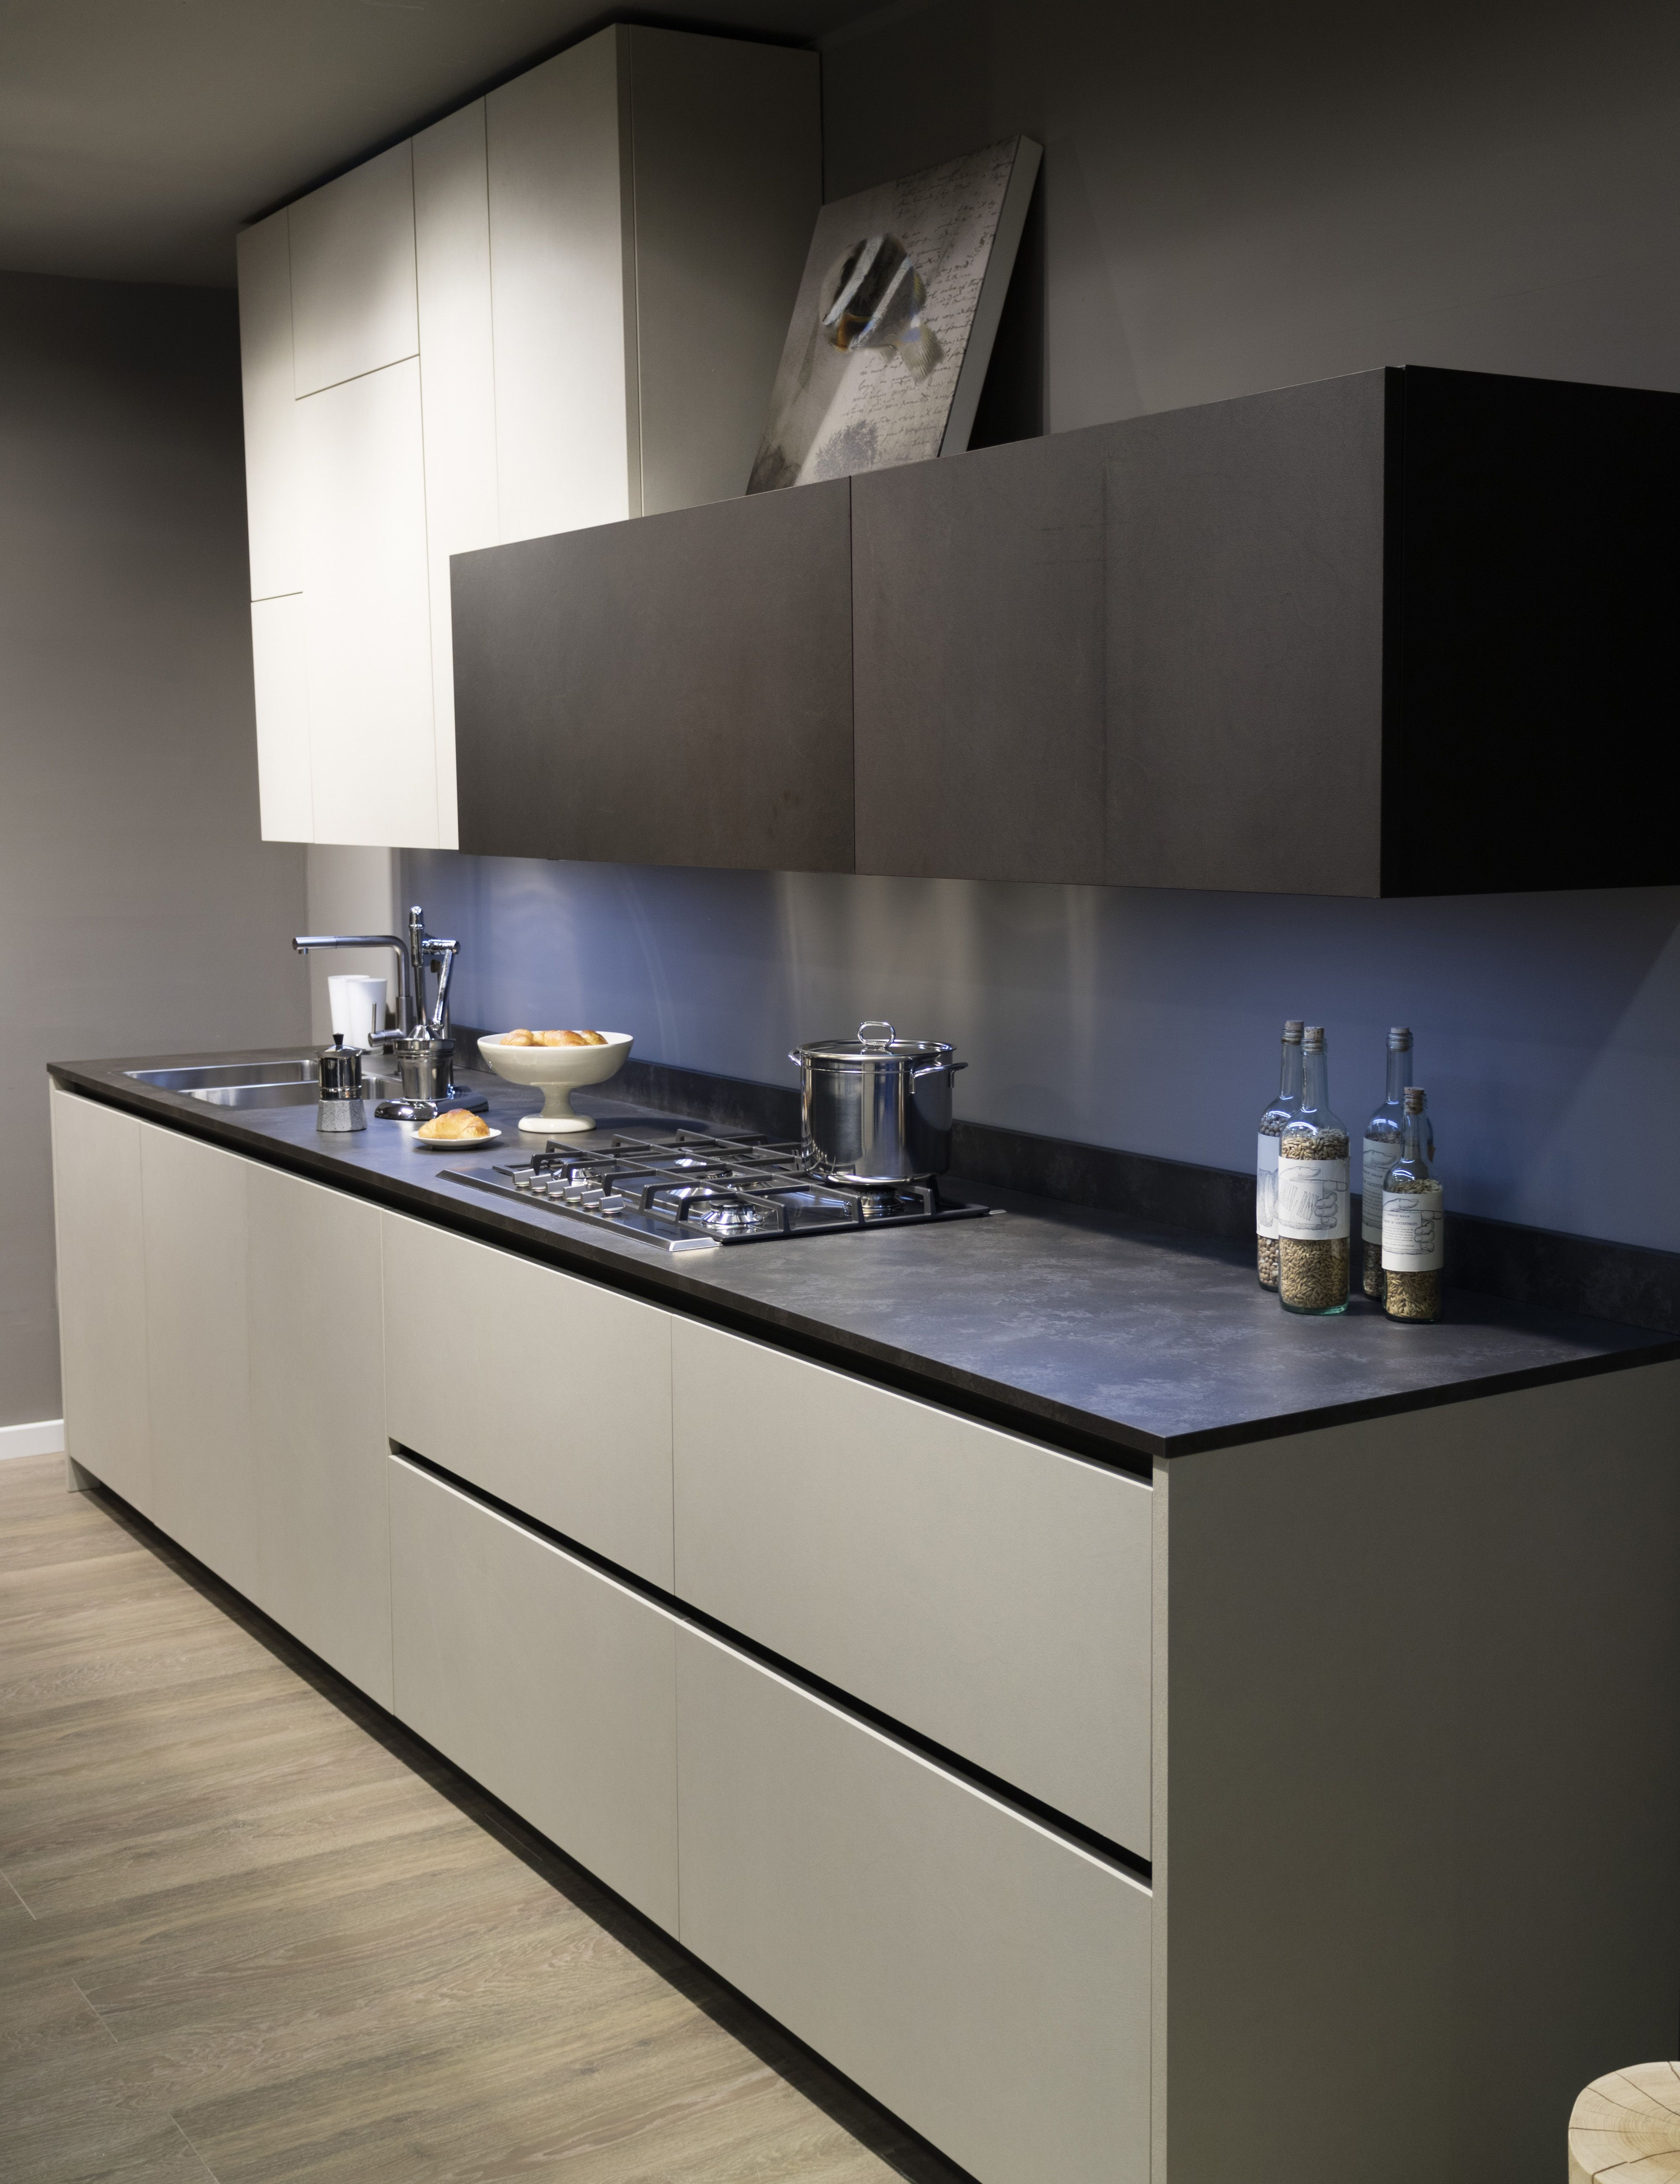 Mobili Per Cucinino Piccolo home | arredo interni cucina, arredamento moderno cucina